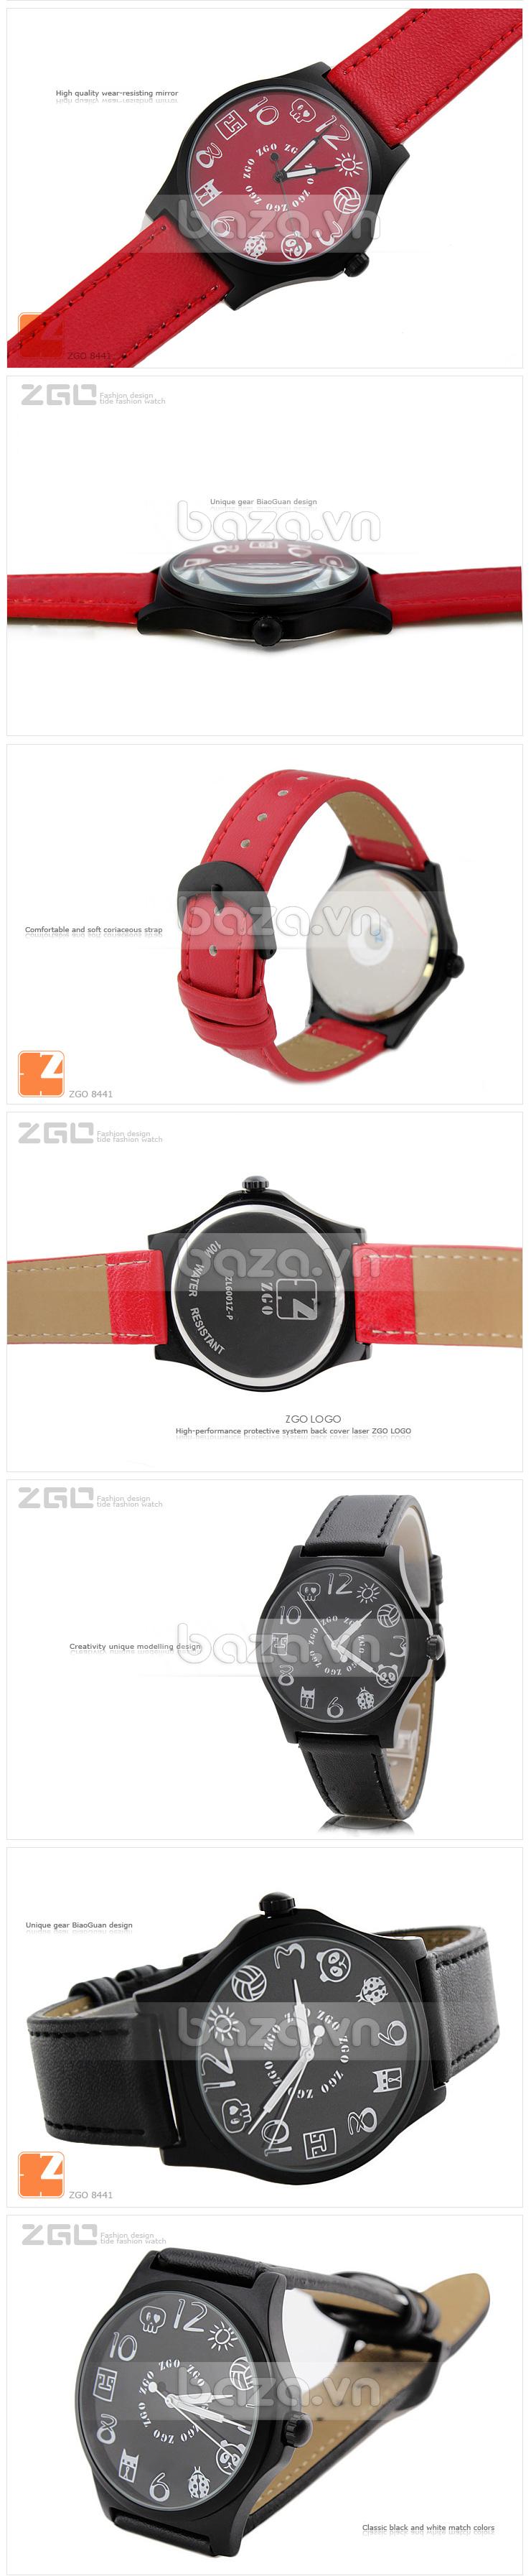 Đồng hồ thời trang KIMIO biểu tượng ngộ nghĩnh mặt kính cao cấp